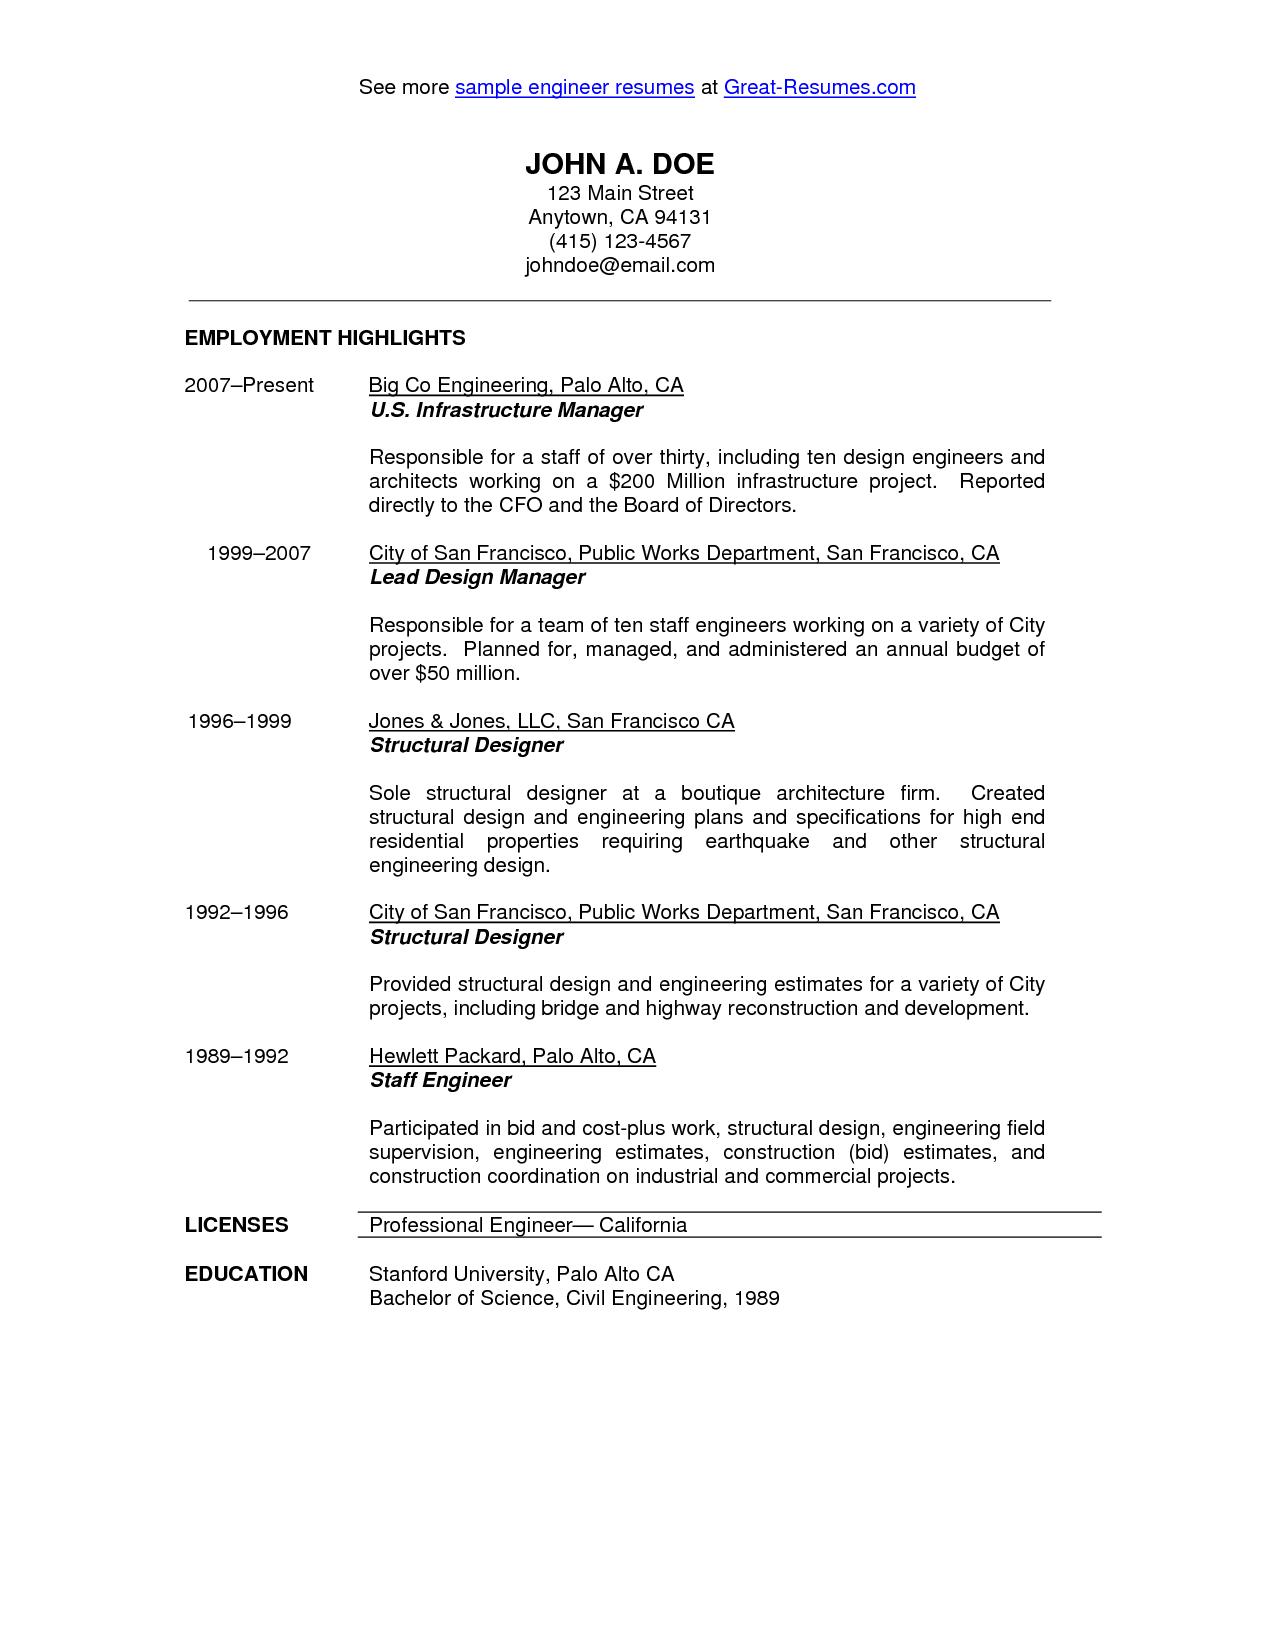 Civil Engineer Resume Http Www Resumecareer Info Civil Engineer Resume 5 Civil Engineer Resume Resume Job Resume Examples